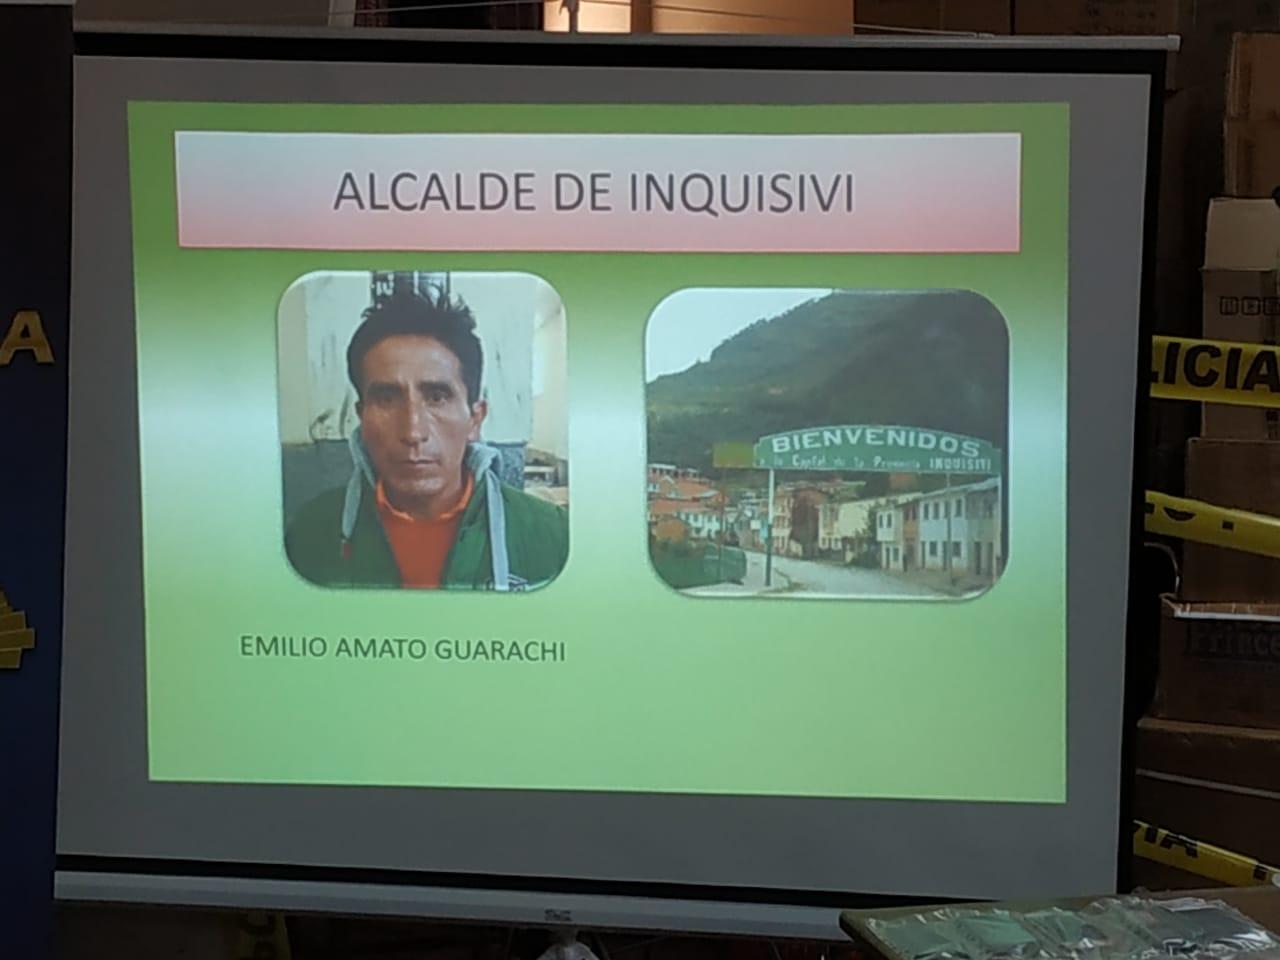 FELCC presentó al director del centro penitenciario de Inquisivi / ÁNGEL SALAZAR